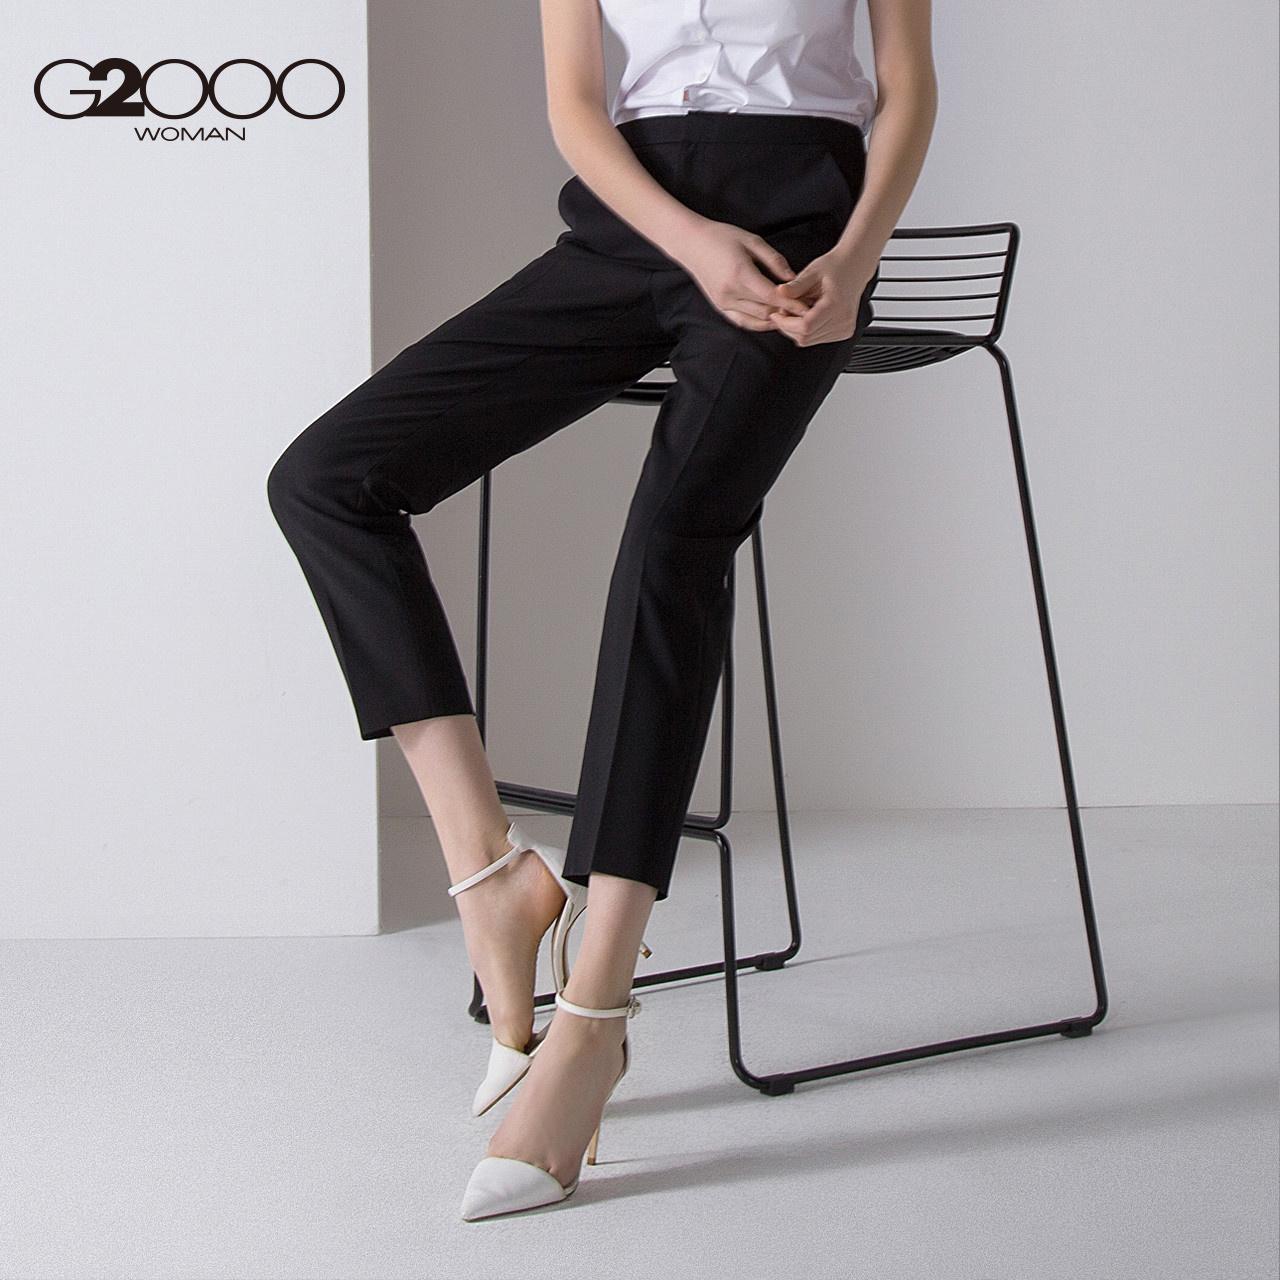 G2000商场同款黑色西装裤 2018春季新款OL通勤气质修身九分裤